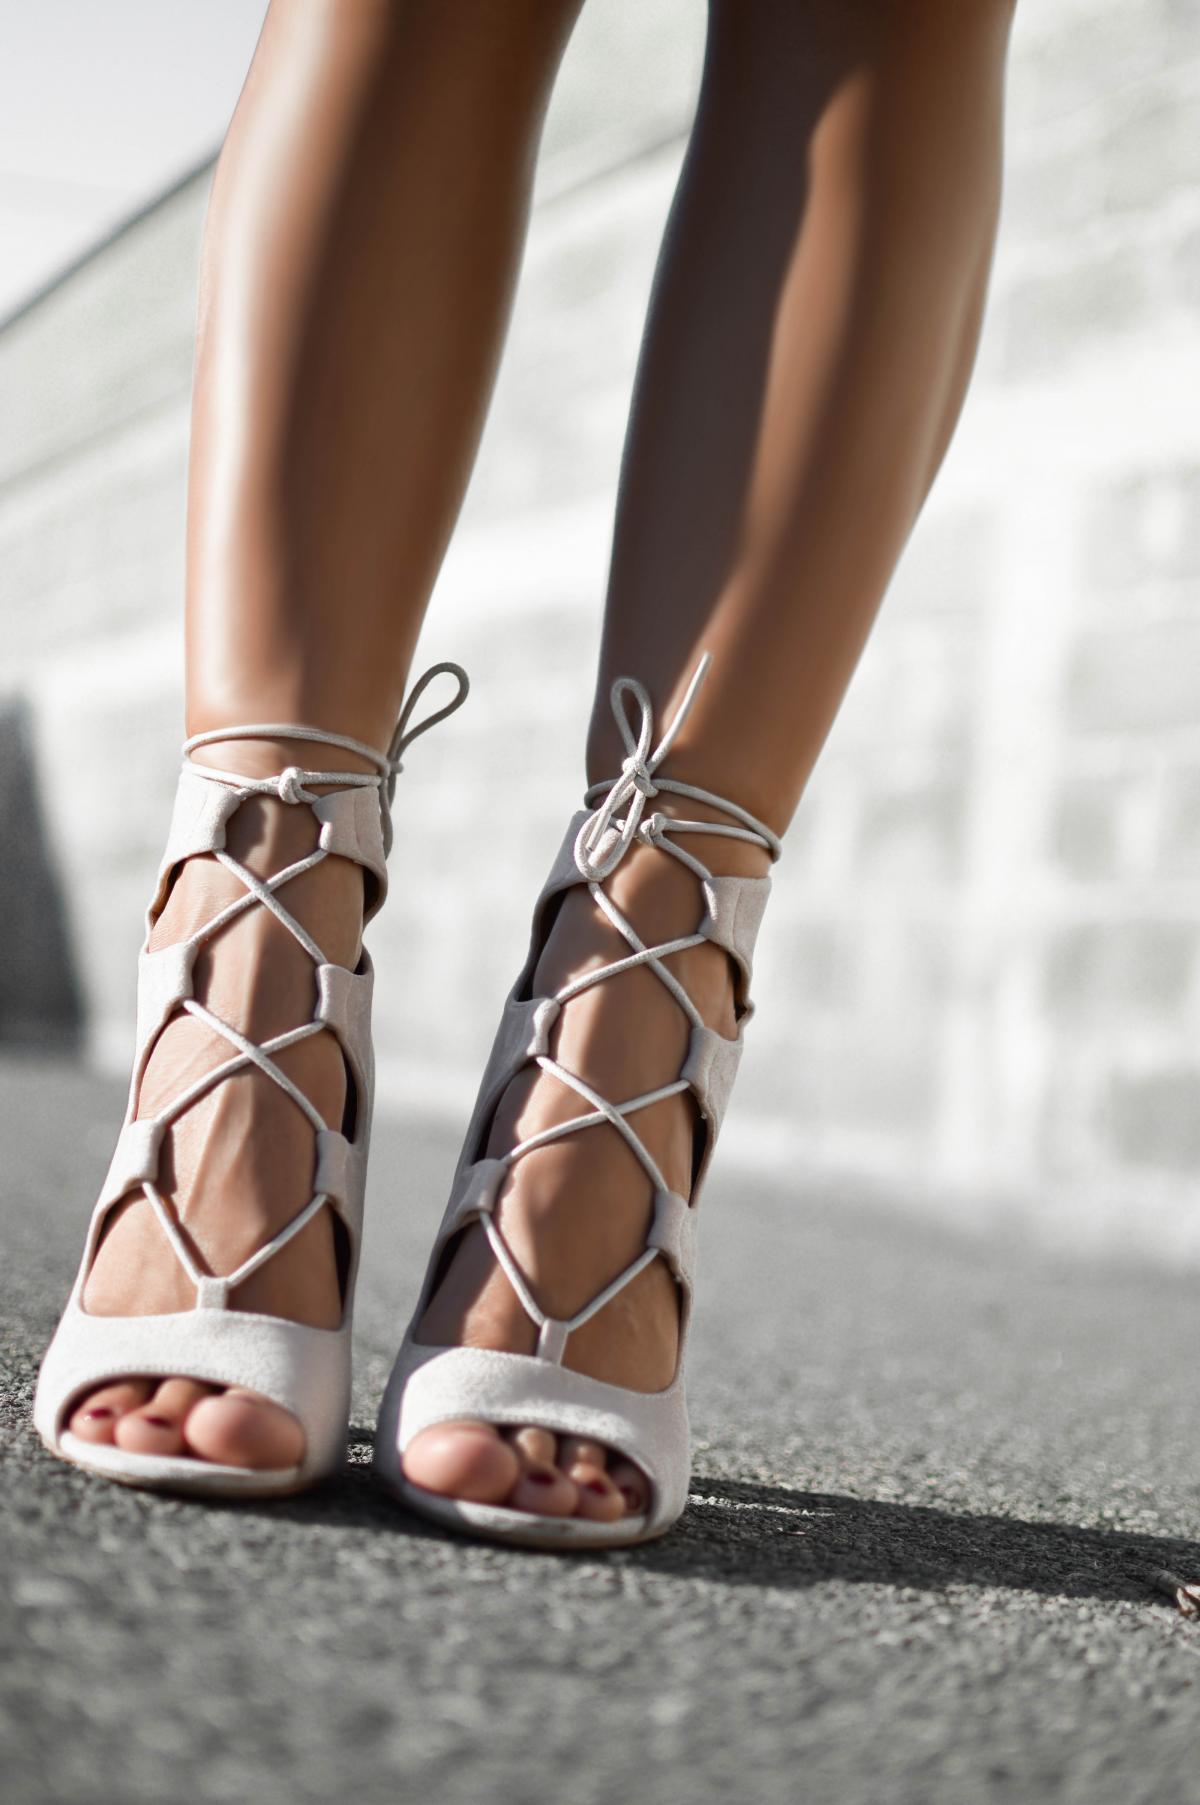 Shoe Footwear Foot